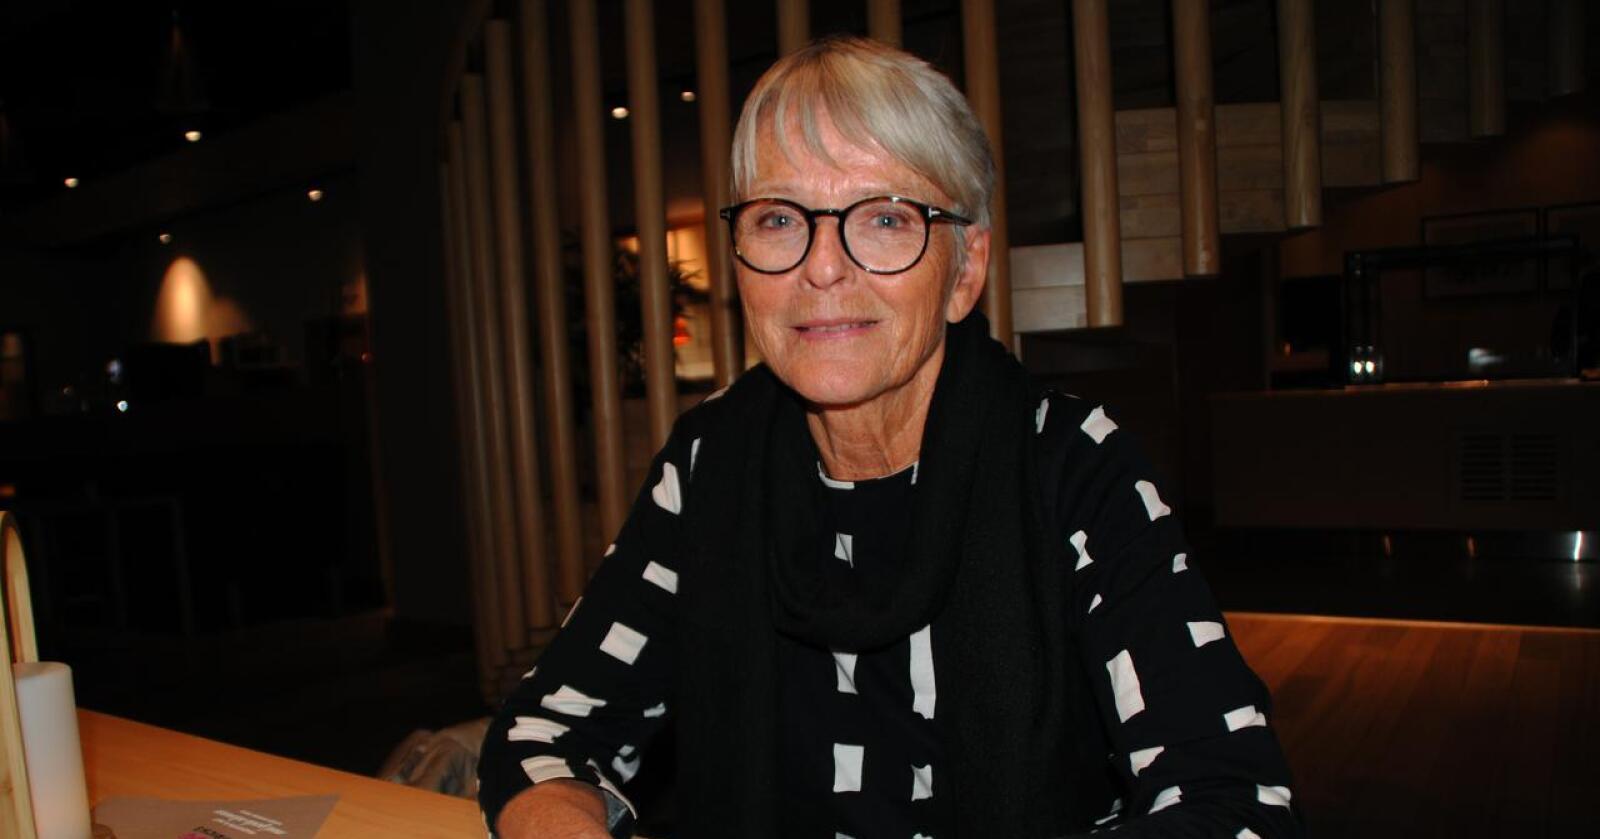 Tidligere kulturminister og stortingsrepresentant for Sp, Anne Enger, ble kjent som «nei-dronninga» under EU-kampen. Nå håper hun på en flertallsregjering med Sp, Ap og SV. Foto: Lars Bilit Hagen